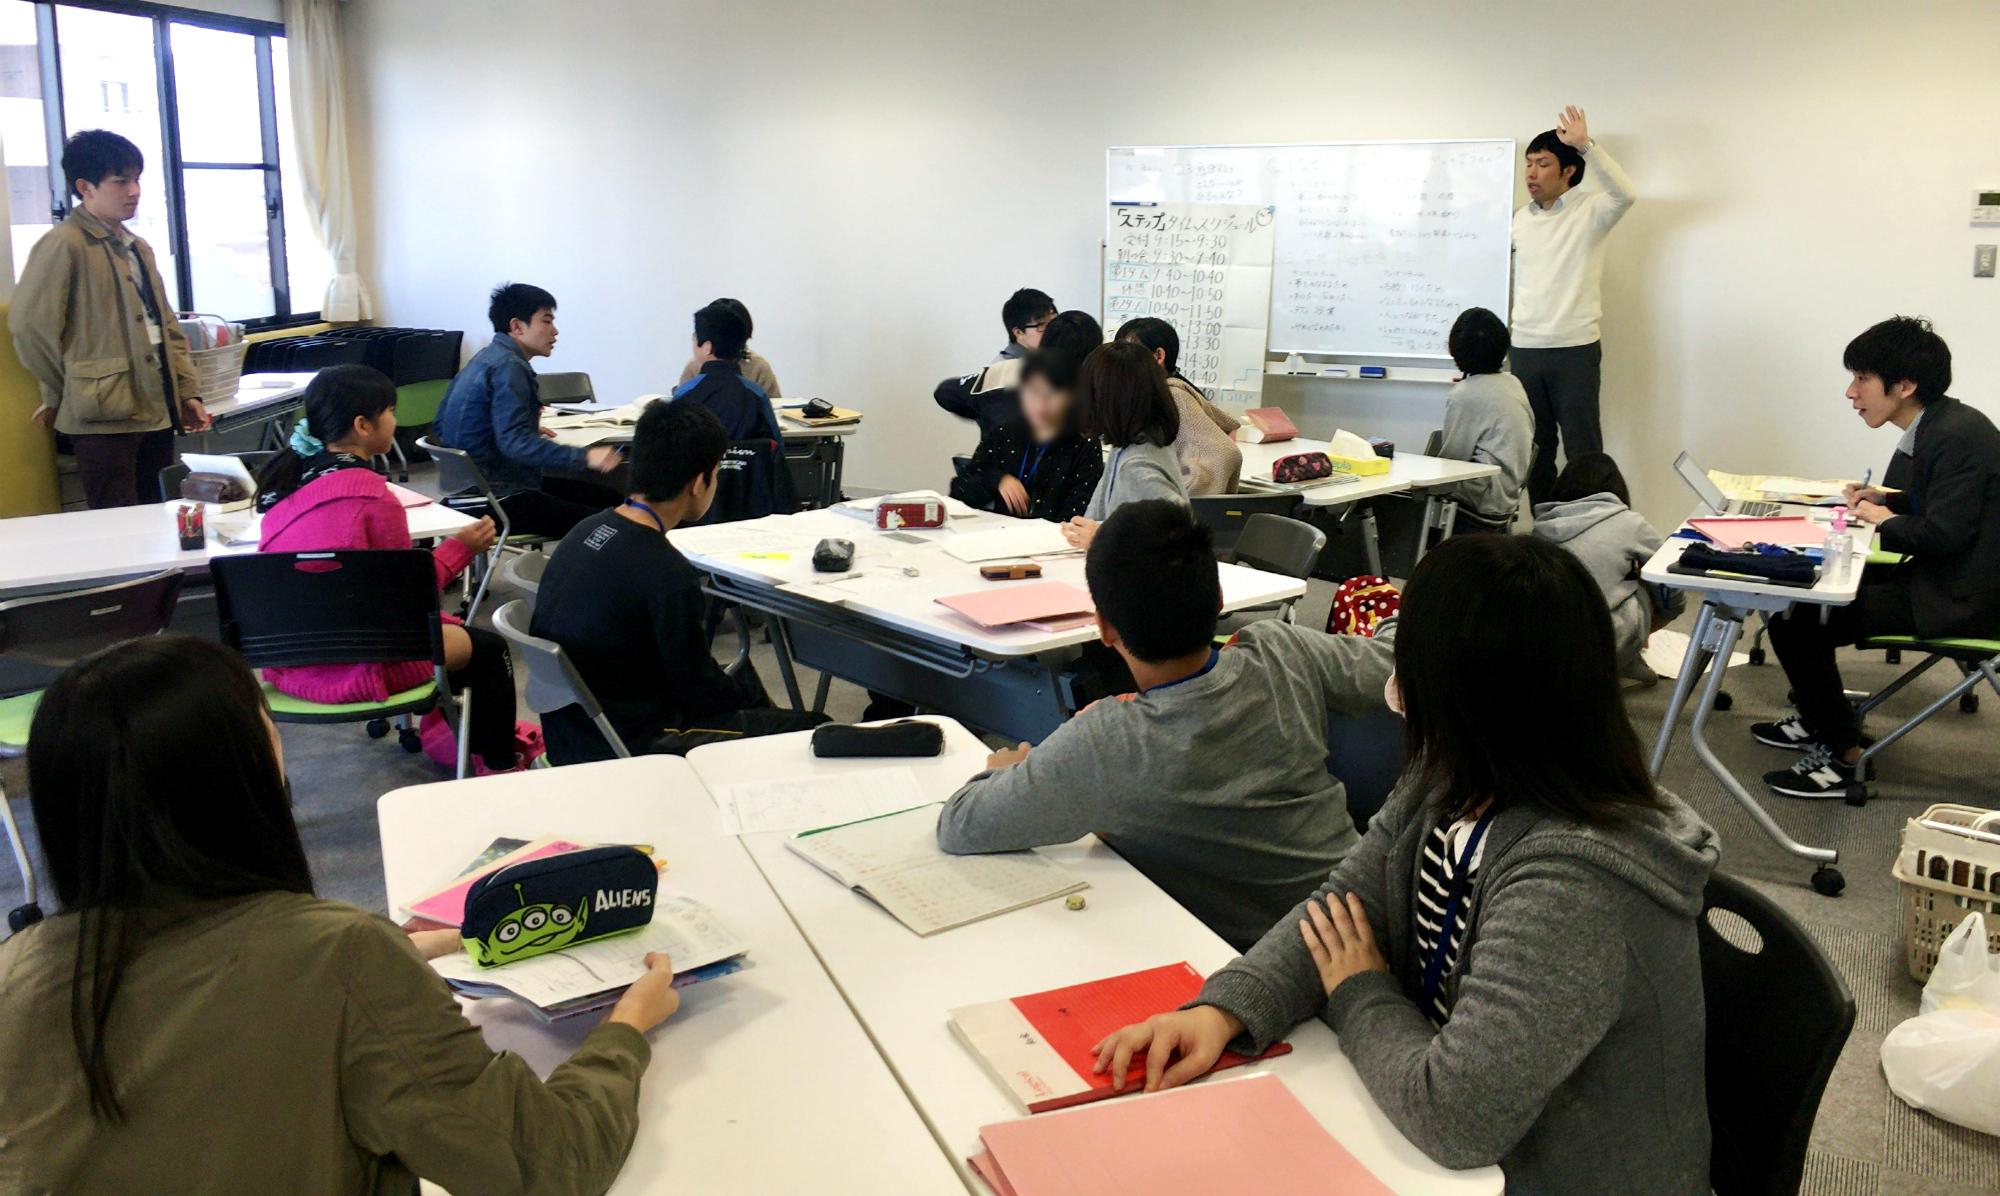 無料塾の目標・成果を「学力向上」や「高校進学」にするな!-「社会的自立」を阻害する高校以降の三大リスクとは?